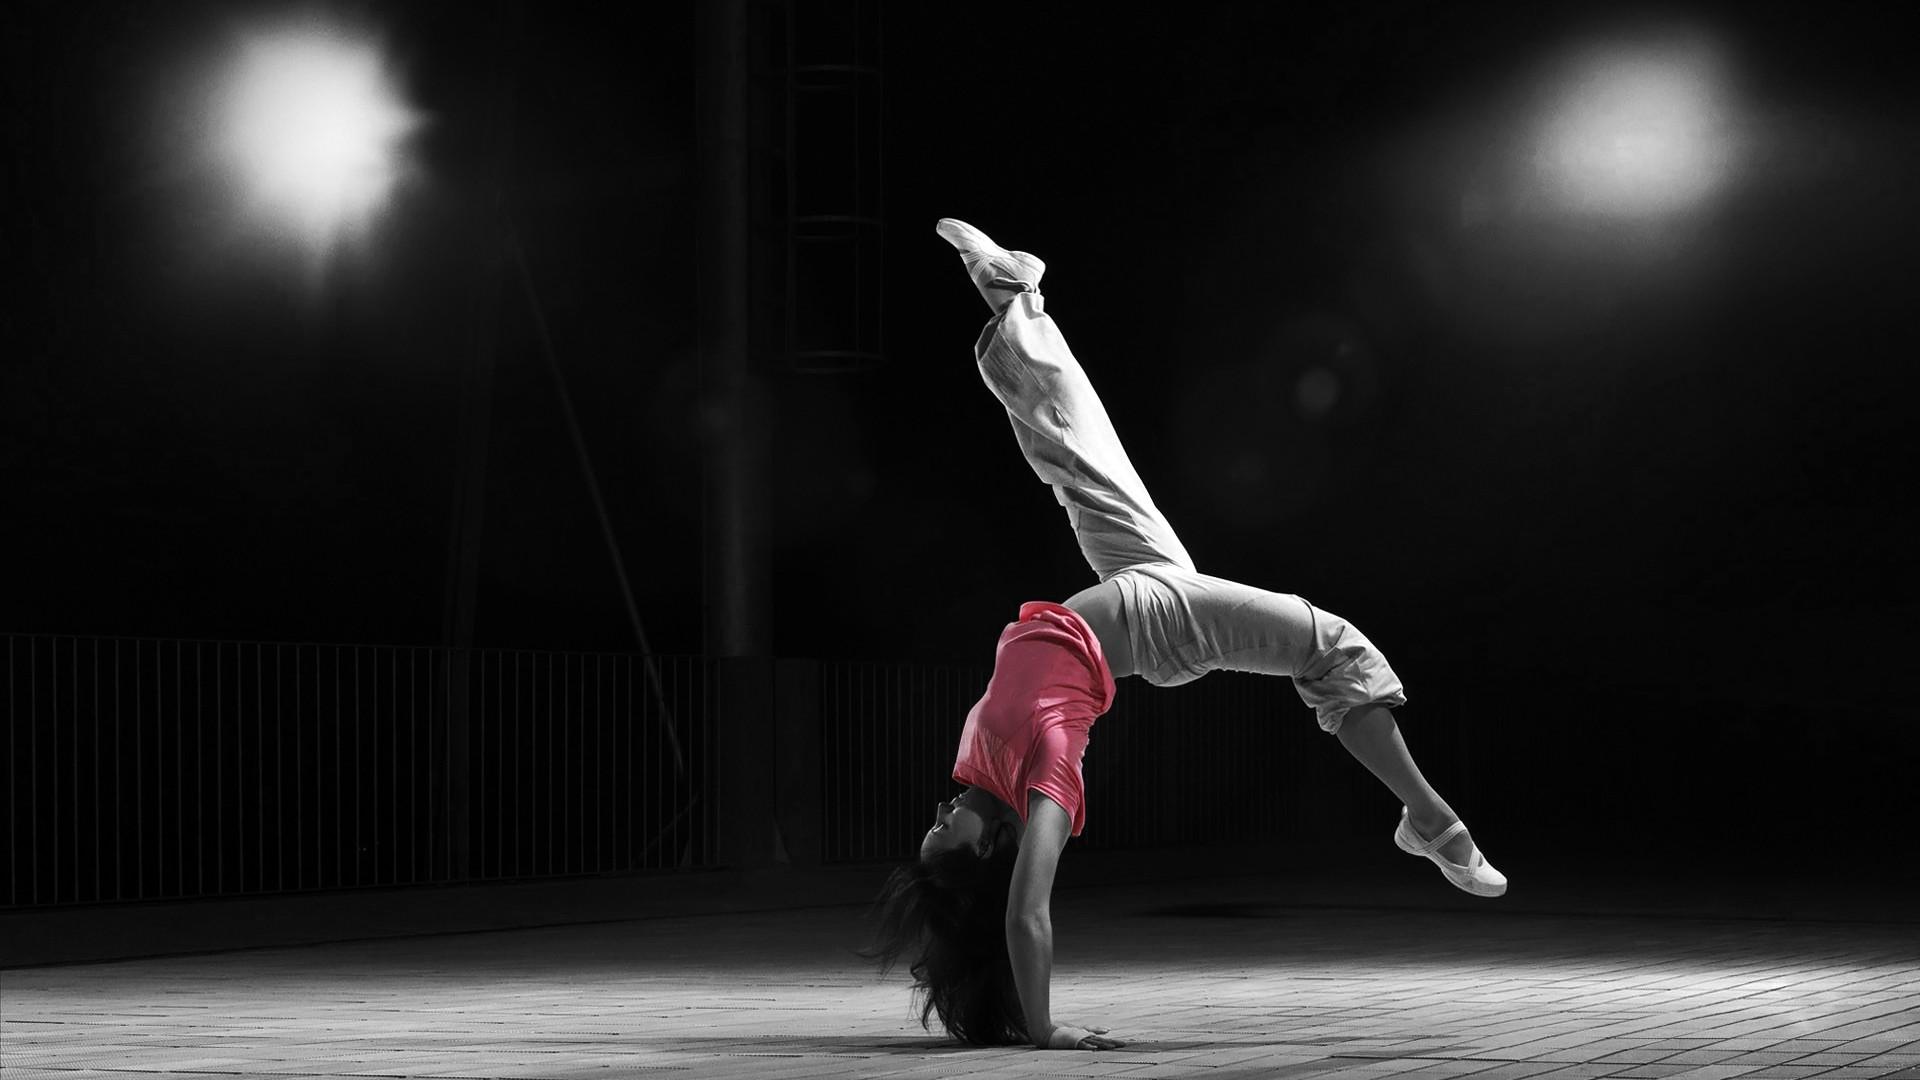 Loic Dl Wallpapers Hip Hop Dancing Fitness Handstand